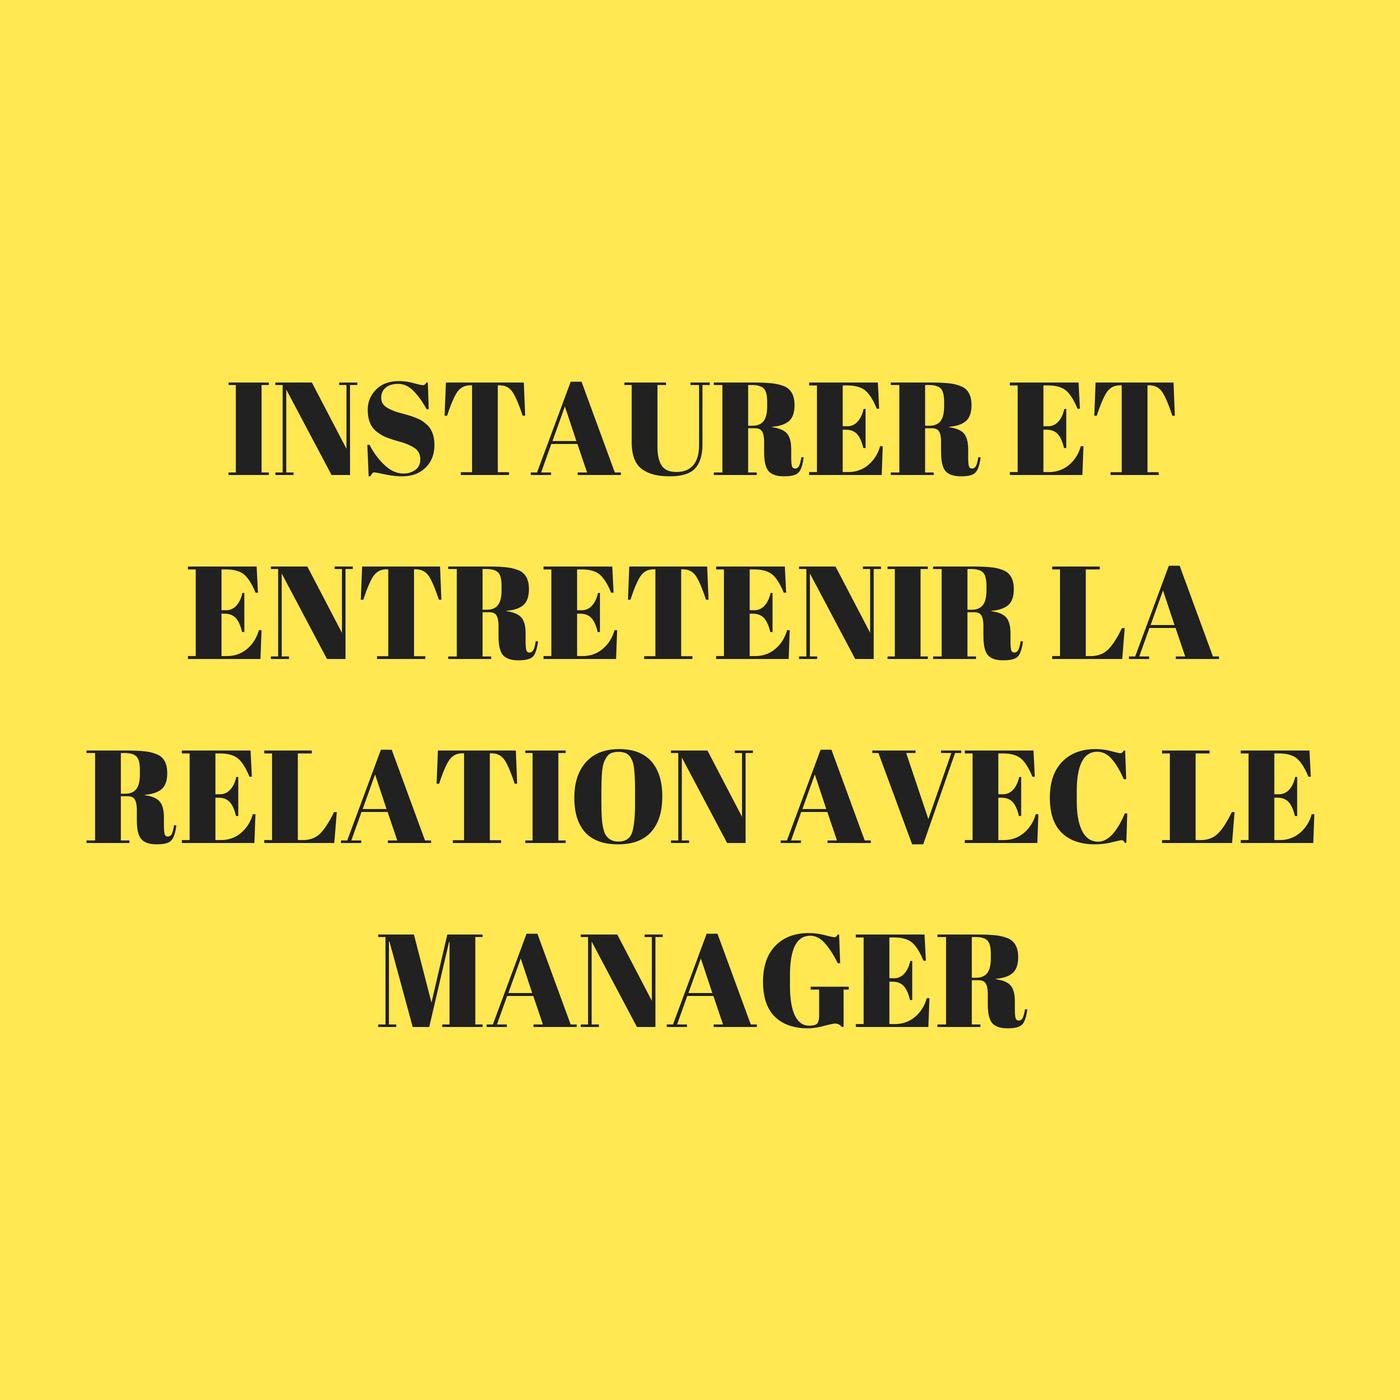 Instaurer et entretenir la relation avec le manager